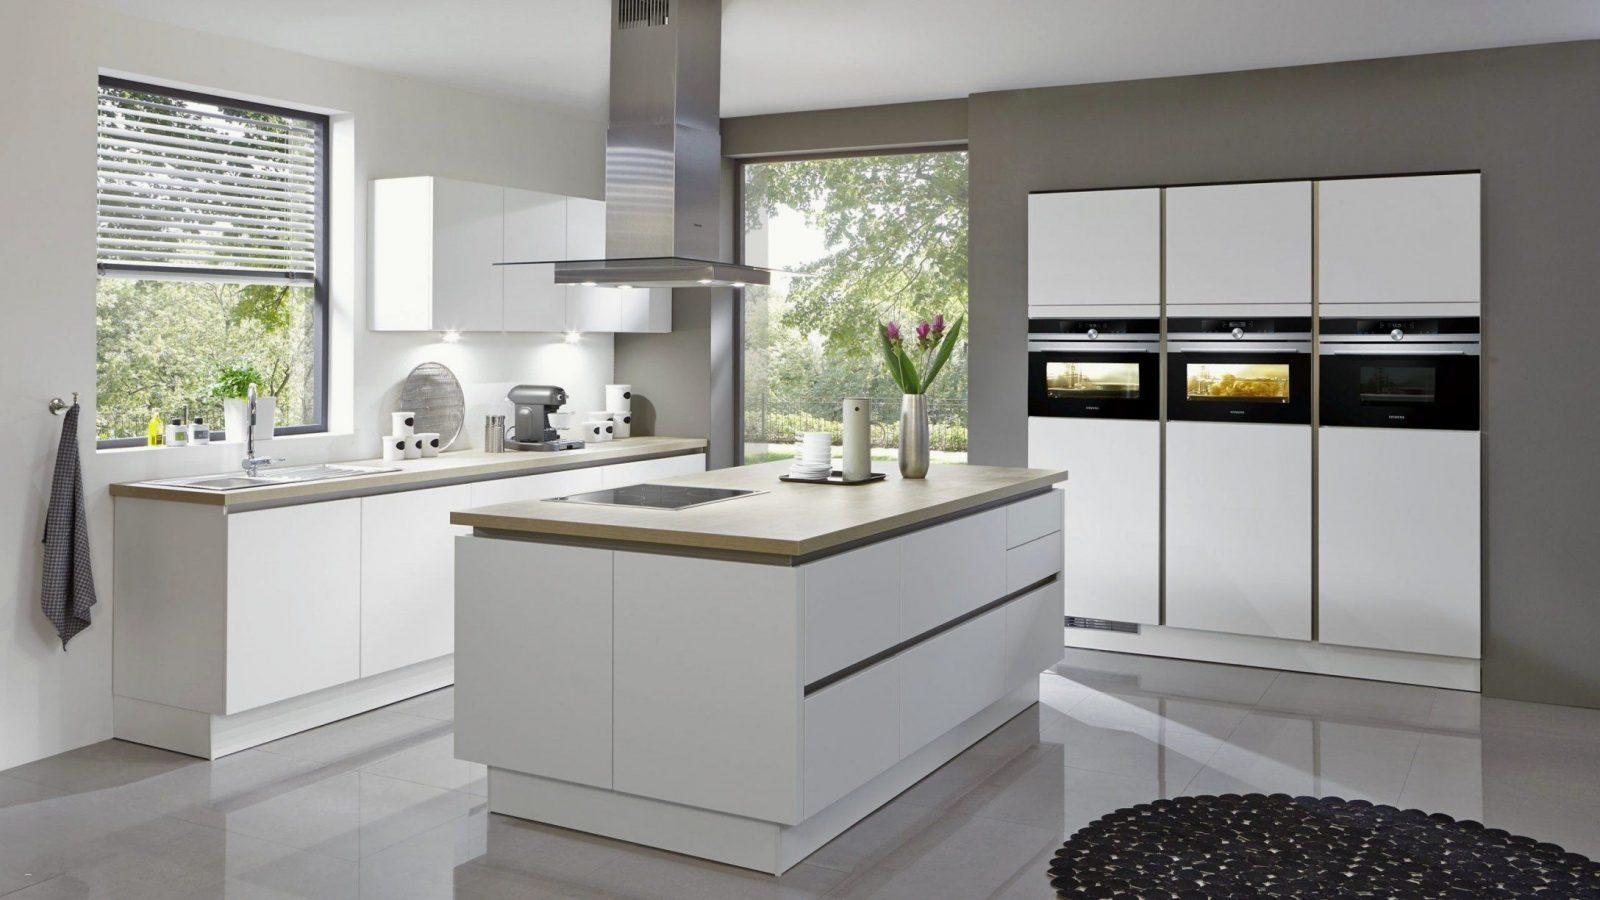 Farben Küche Streichen Abwaschbare Farbe Küche Kche Streichen ...